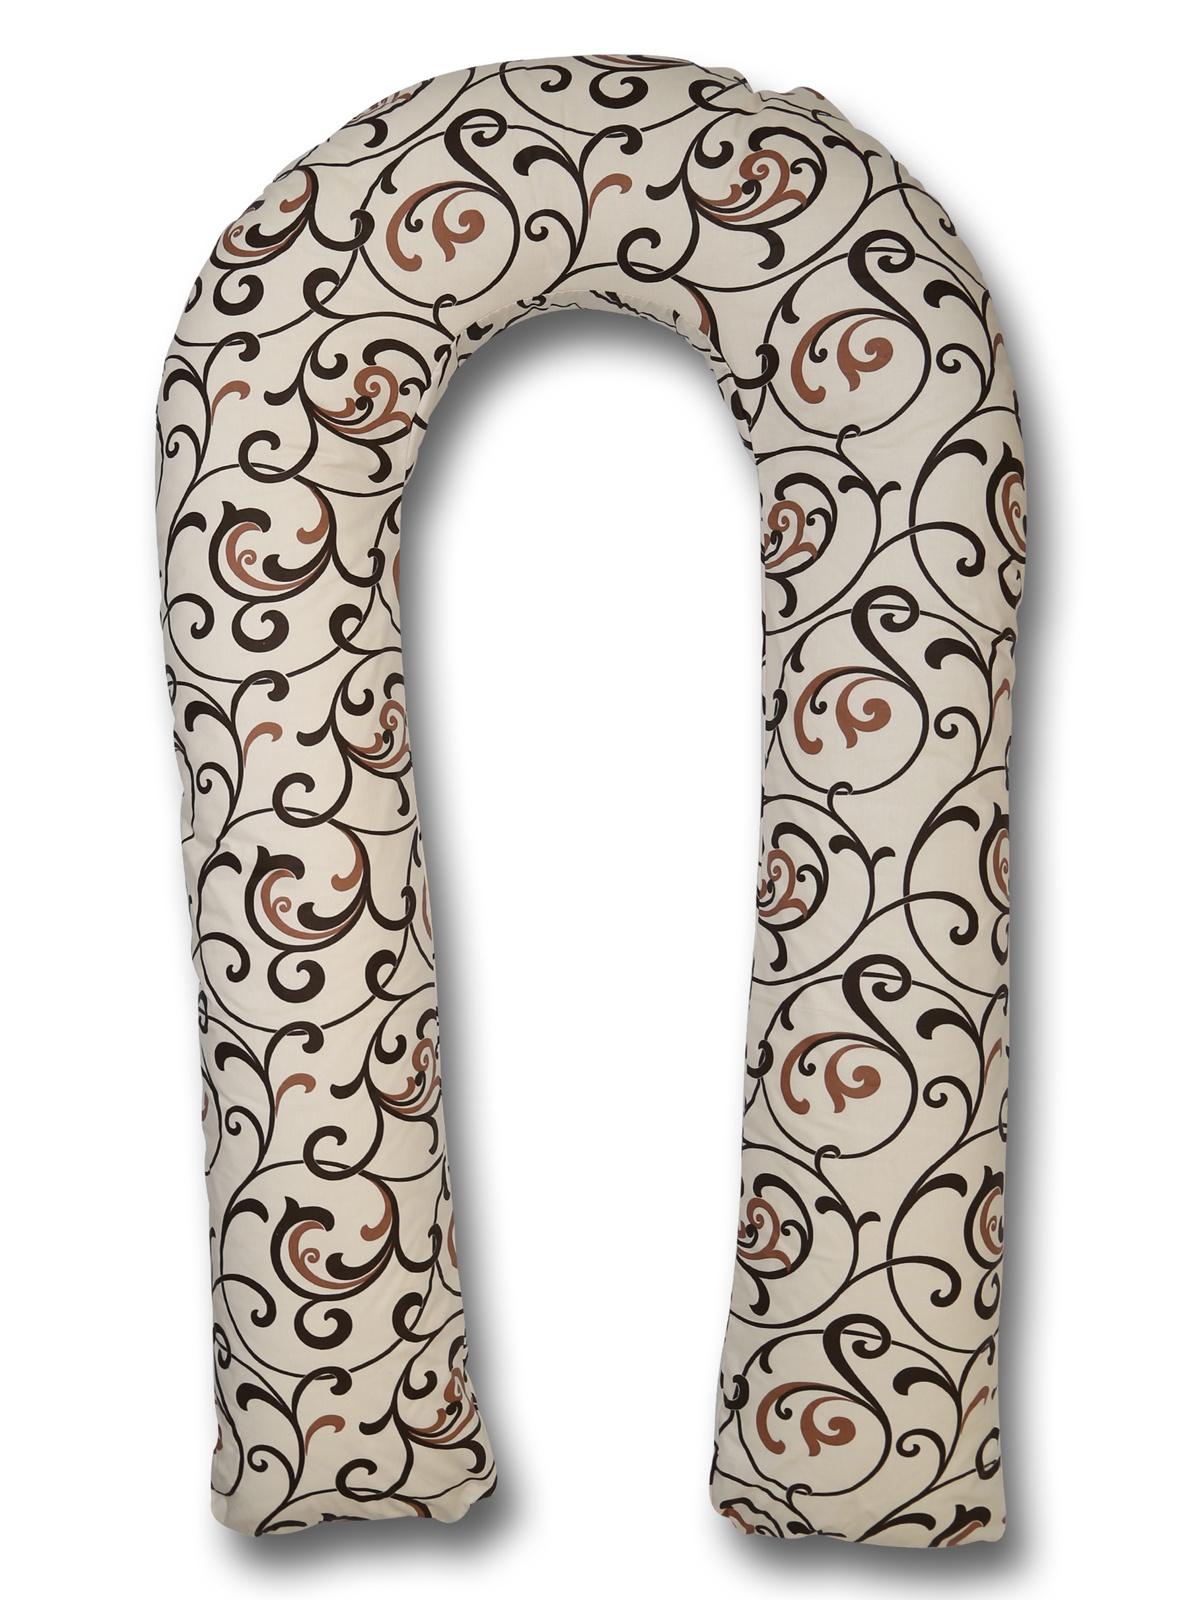 Чехол для подушки для беременных Body Pillow форма U вензеля, бежевый body pillow чехол для подушки для беременных u образный цвет бежевый золотой